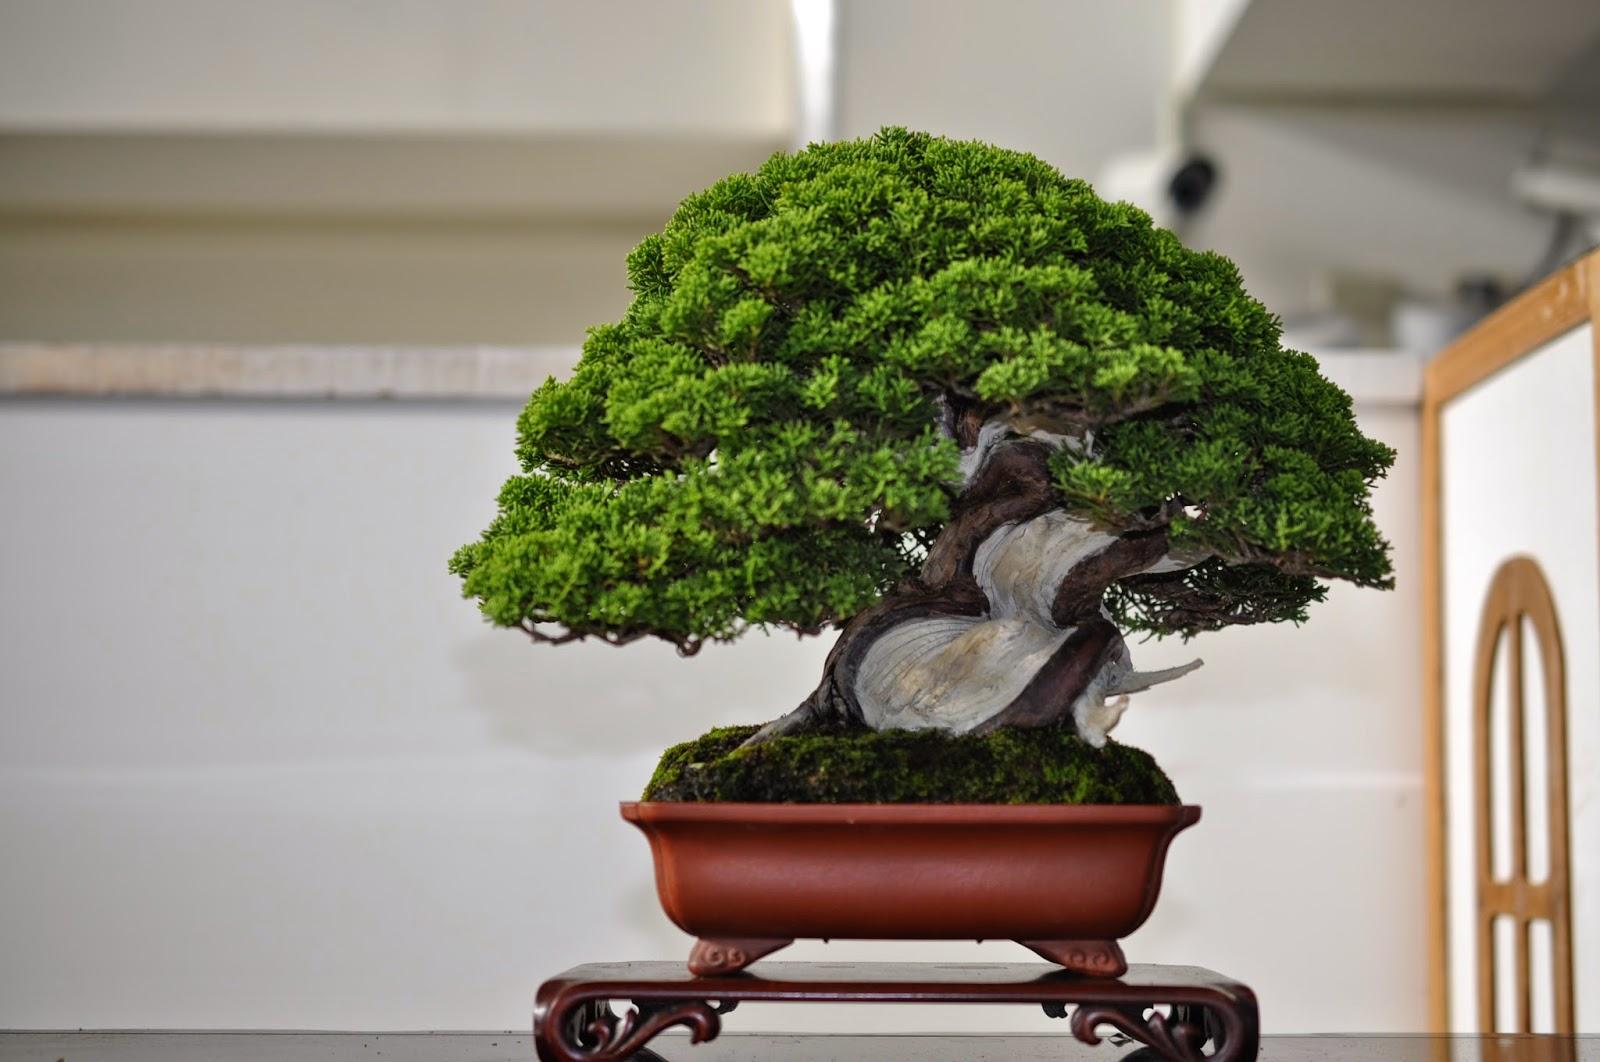 All In One Bonsai And Ceramics Taiwan Bonsai Exhibition